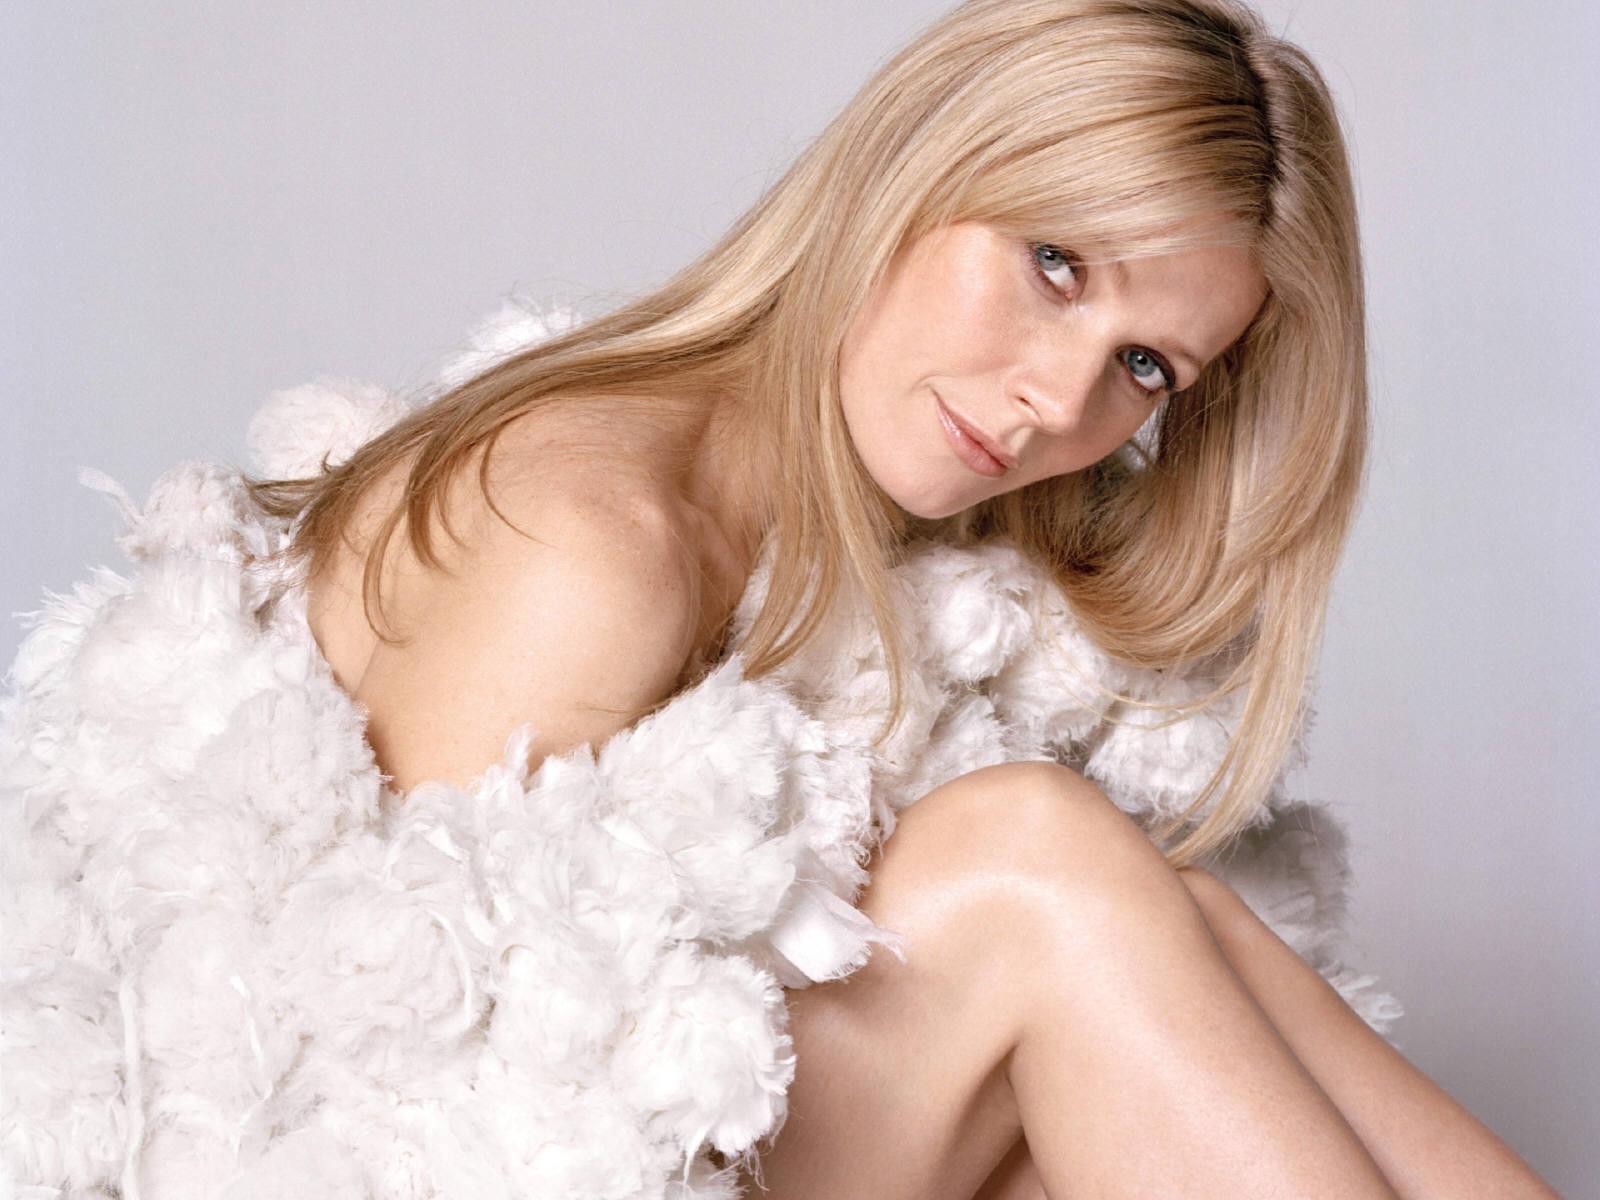 http://2.bp.blogspot.com/-DRWpWwamgkU/TaggvsUFFPI/AAAAAAAAAok/3-kBMnj-oMM/s1600/Gwyneth-Paltrow3.jpg